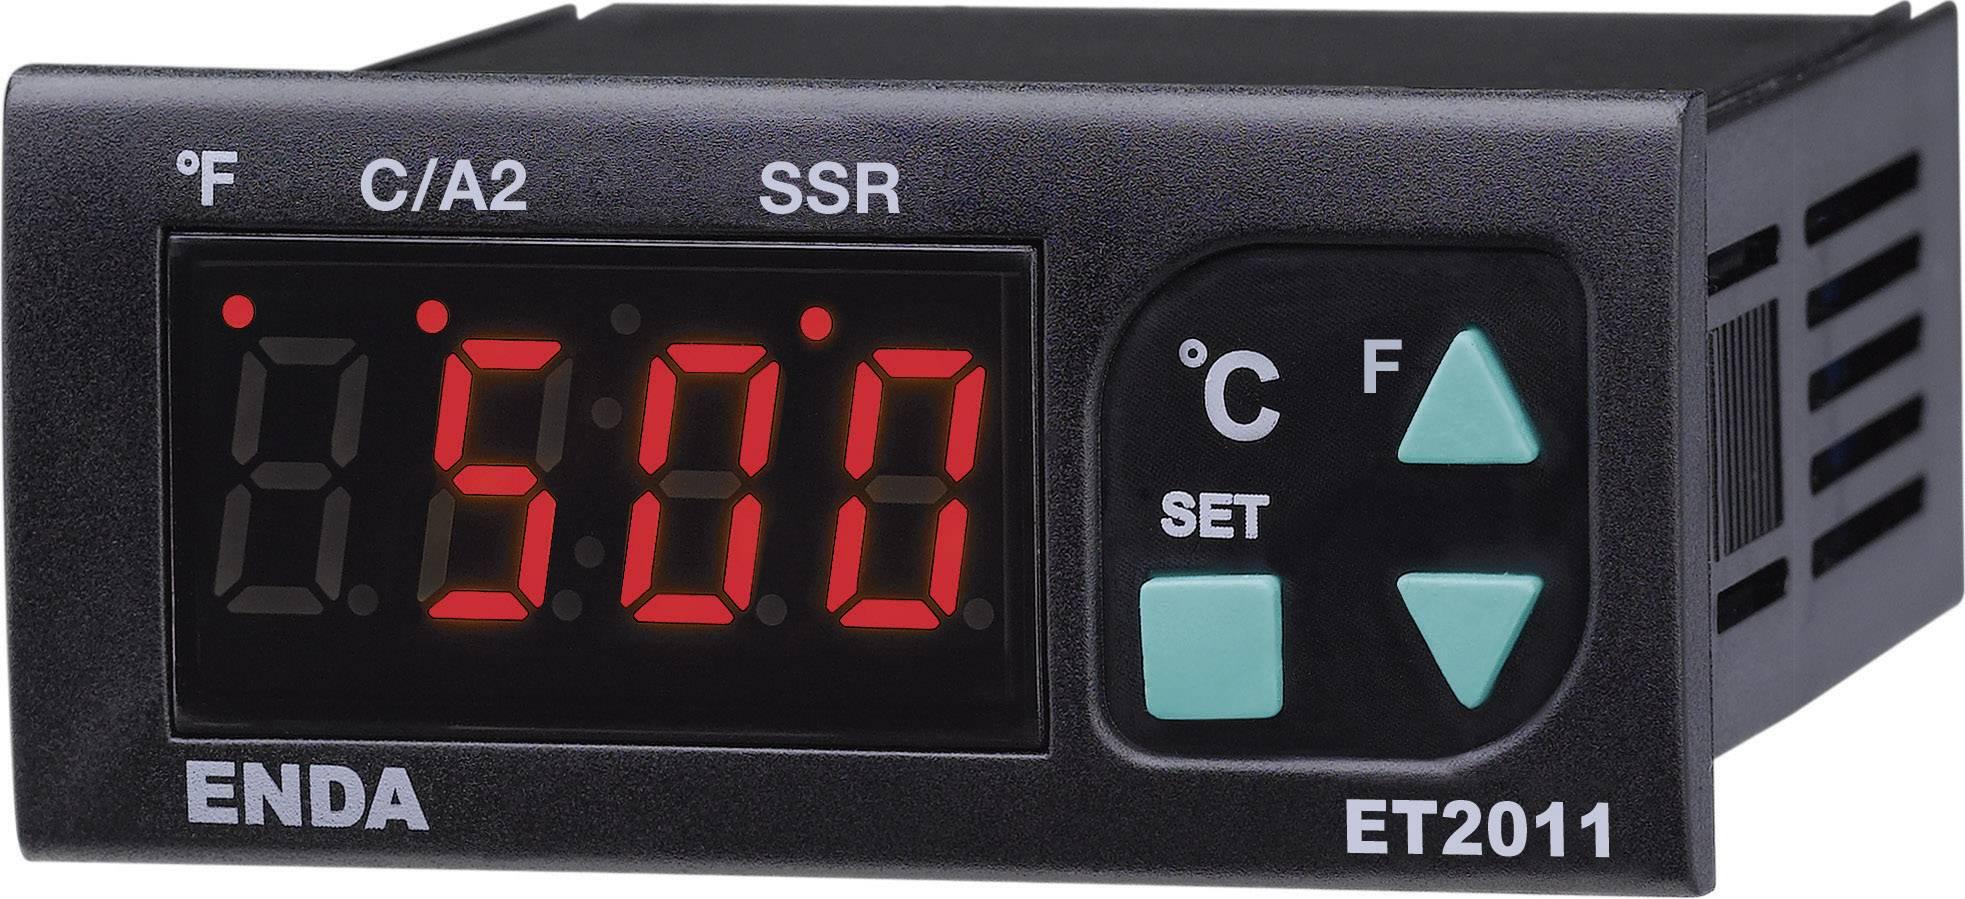 Termostat Enda ET2011-RT-230 ET2011-RT-230